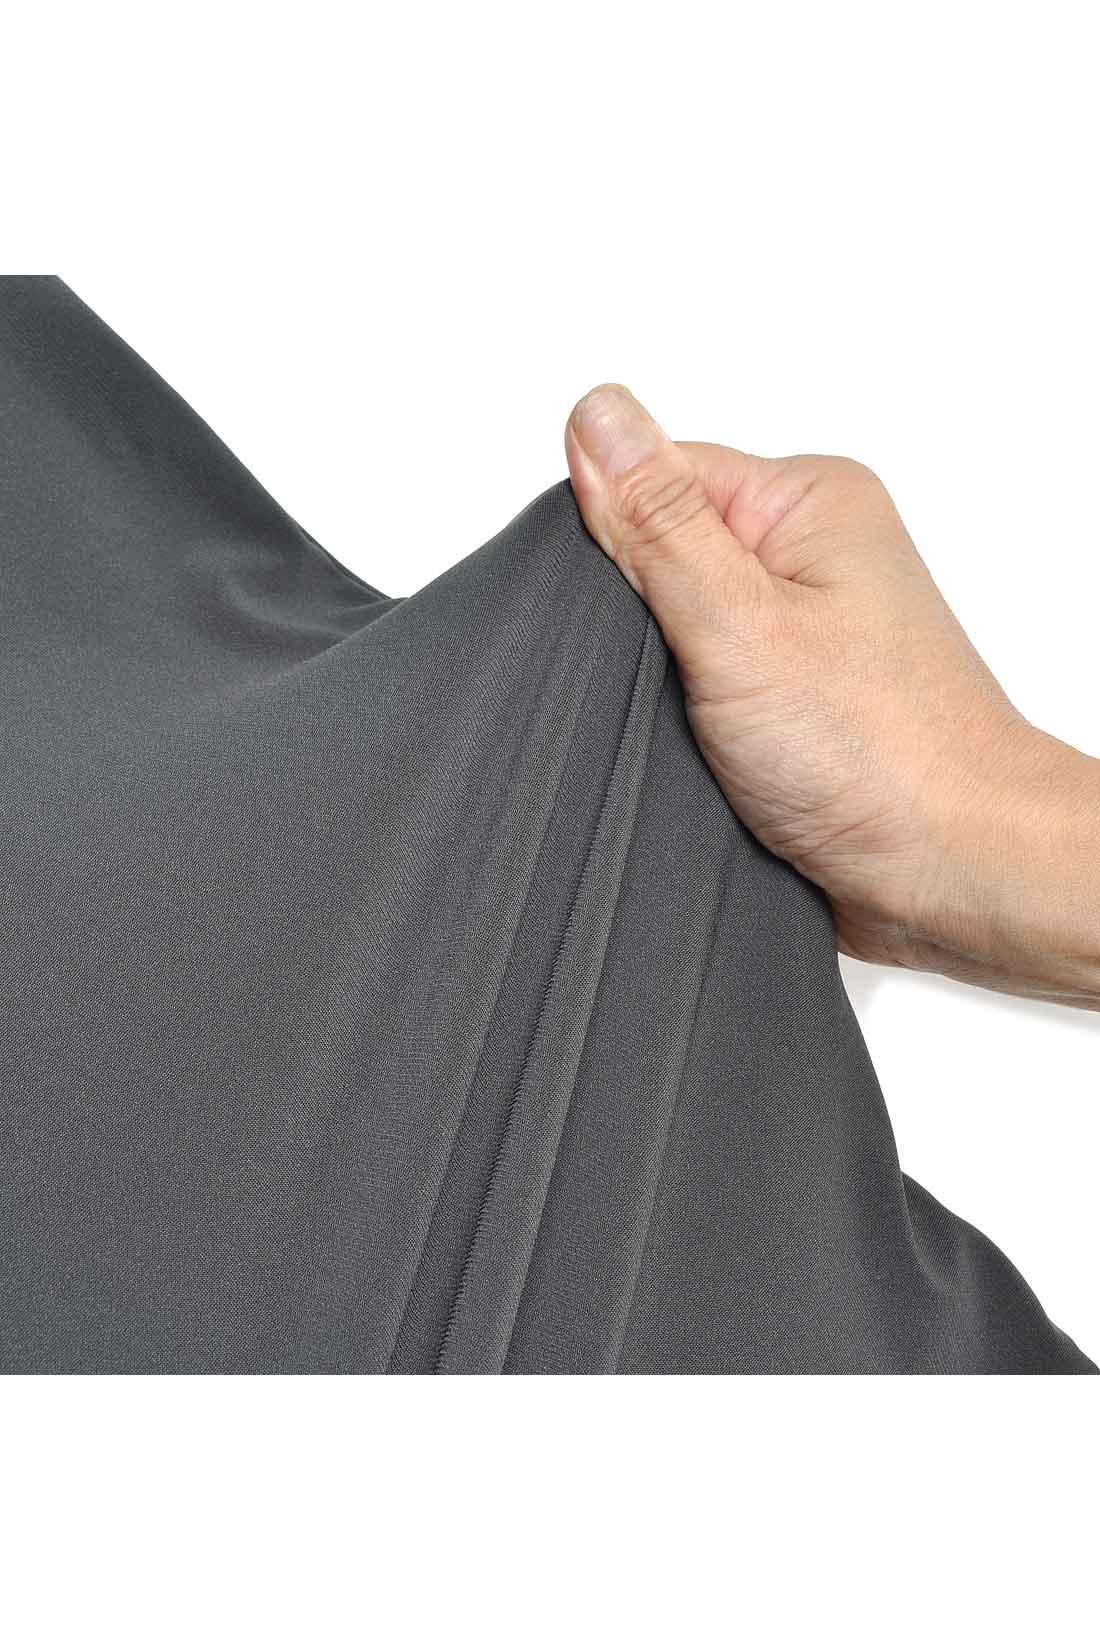 ハリがありながら驚くほど伸縮し、復元力のある360°伸びるスーパーストレッチ素材。熟練職人さんの技術によって、組み立てや染色などを繊細に管理された日本製が誇る人気素材です。